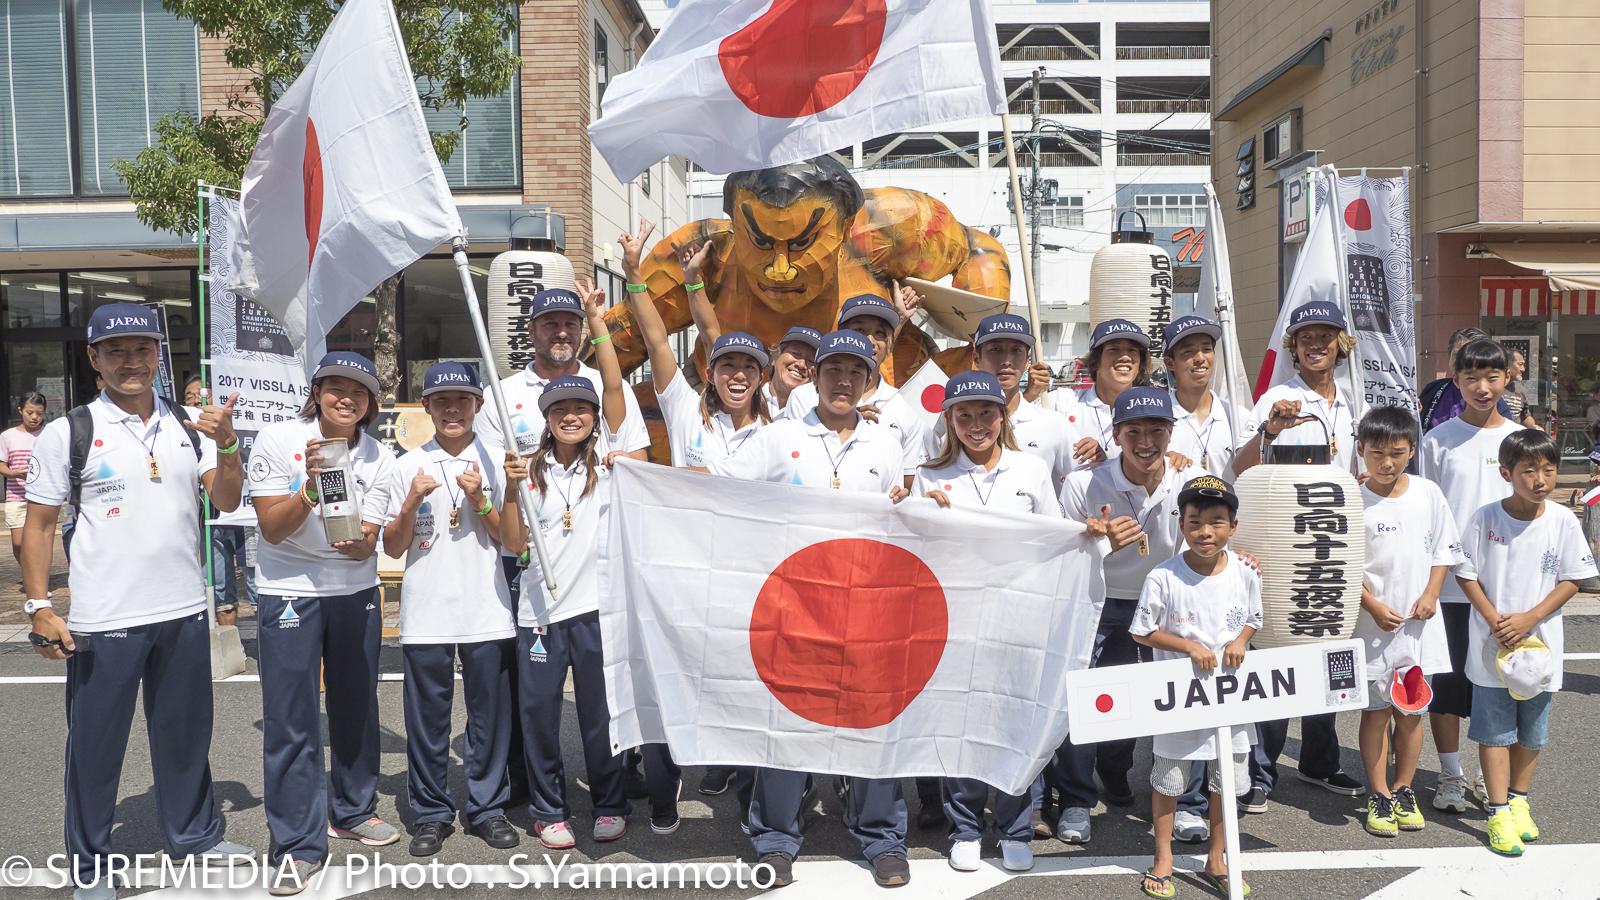 japan-9230331